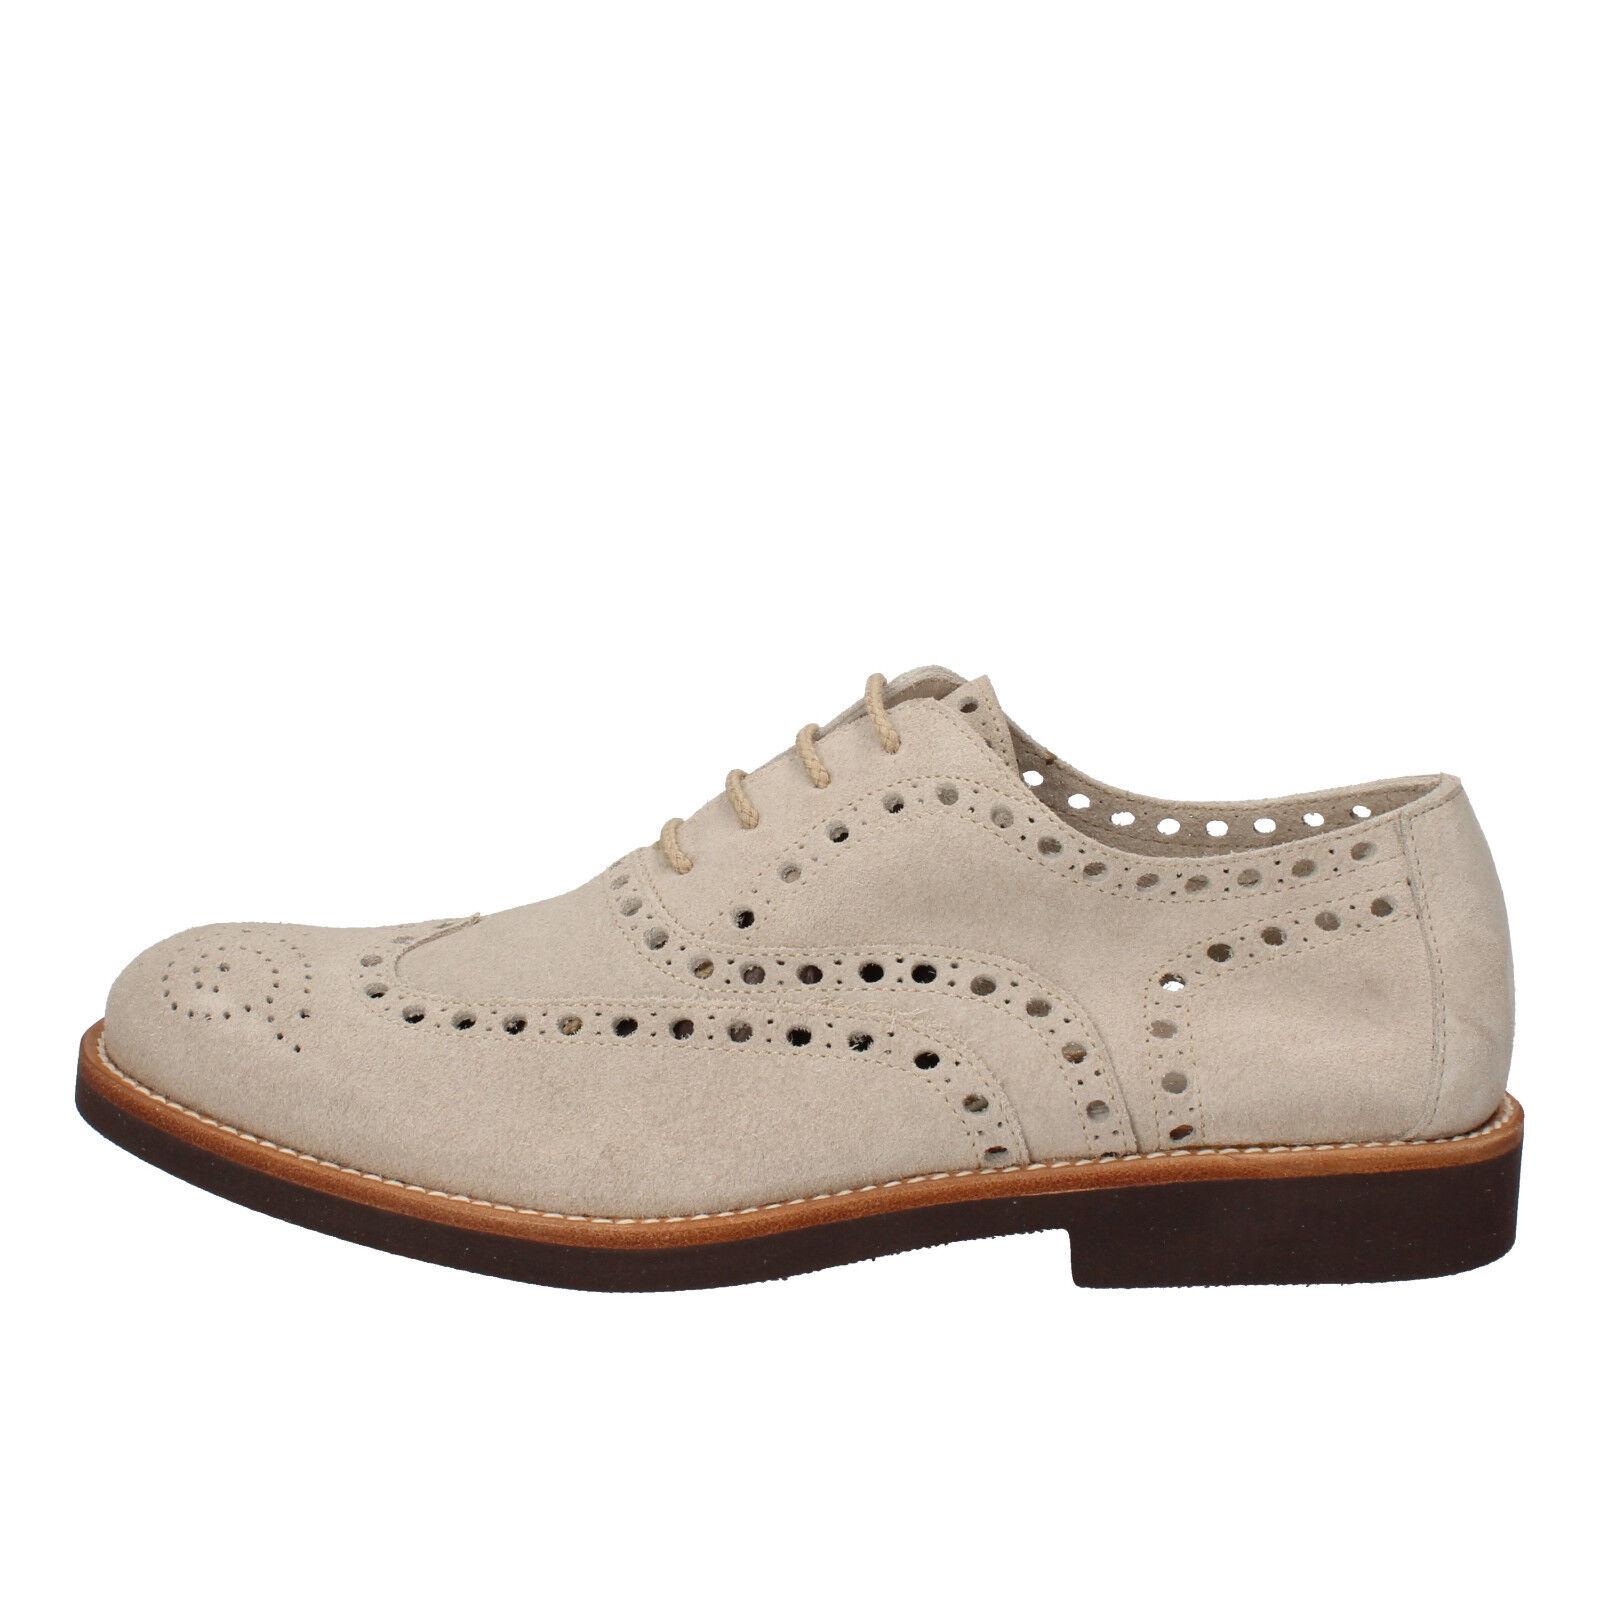 Mens shoes DI MELLA 6 (EU 40) elegant beige suede AD233-B